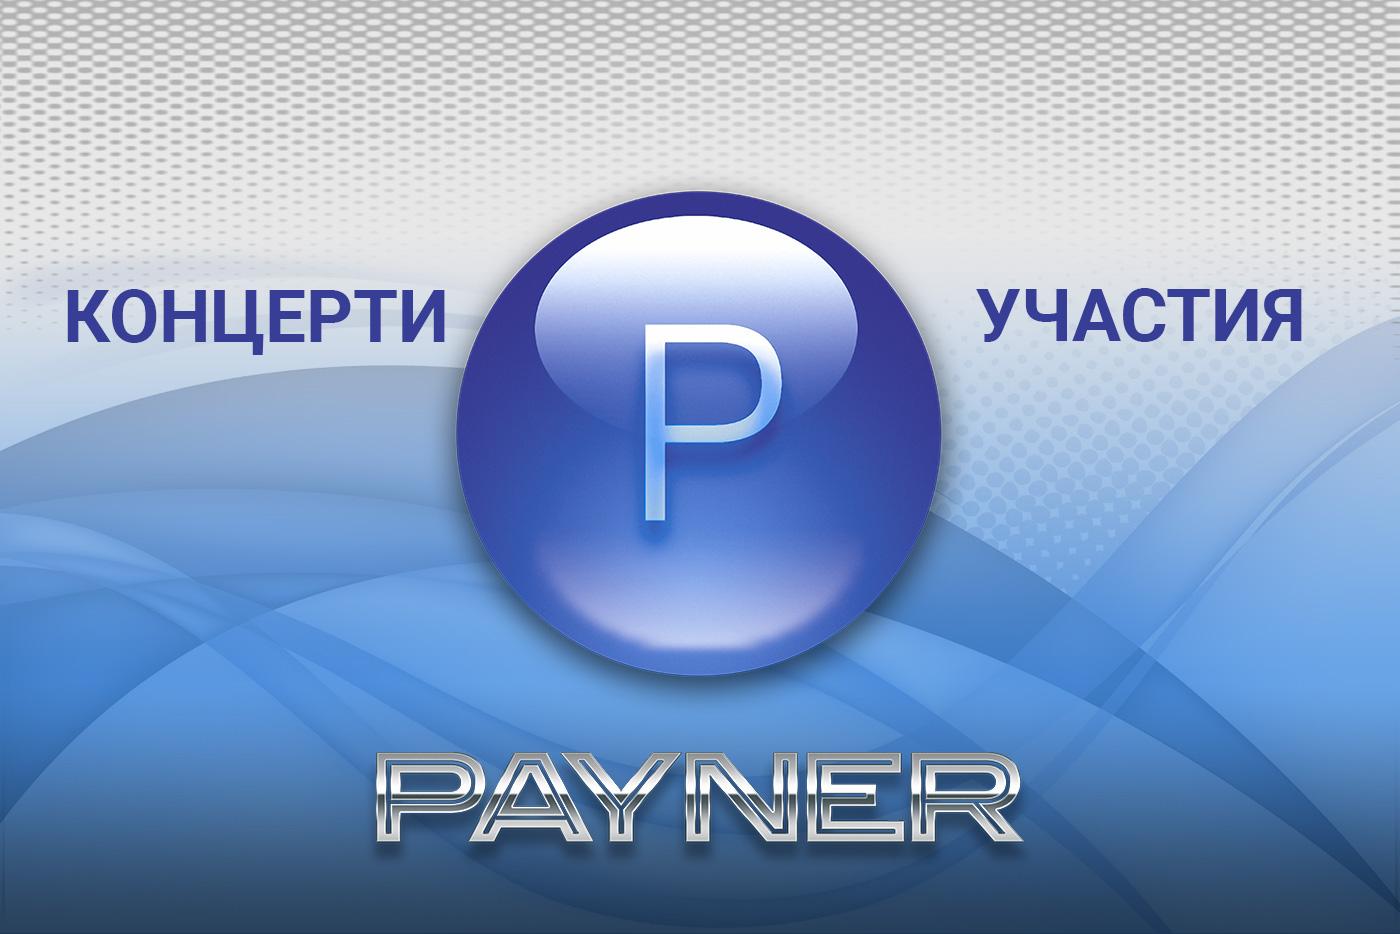 """Участия на звездите на """"Пайнер"""" на 12.11.2018"""